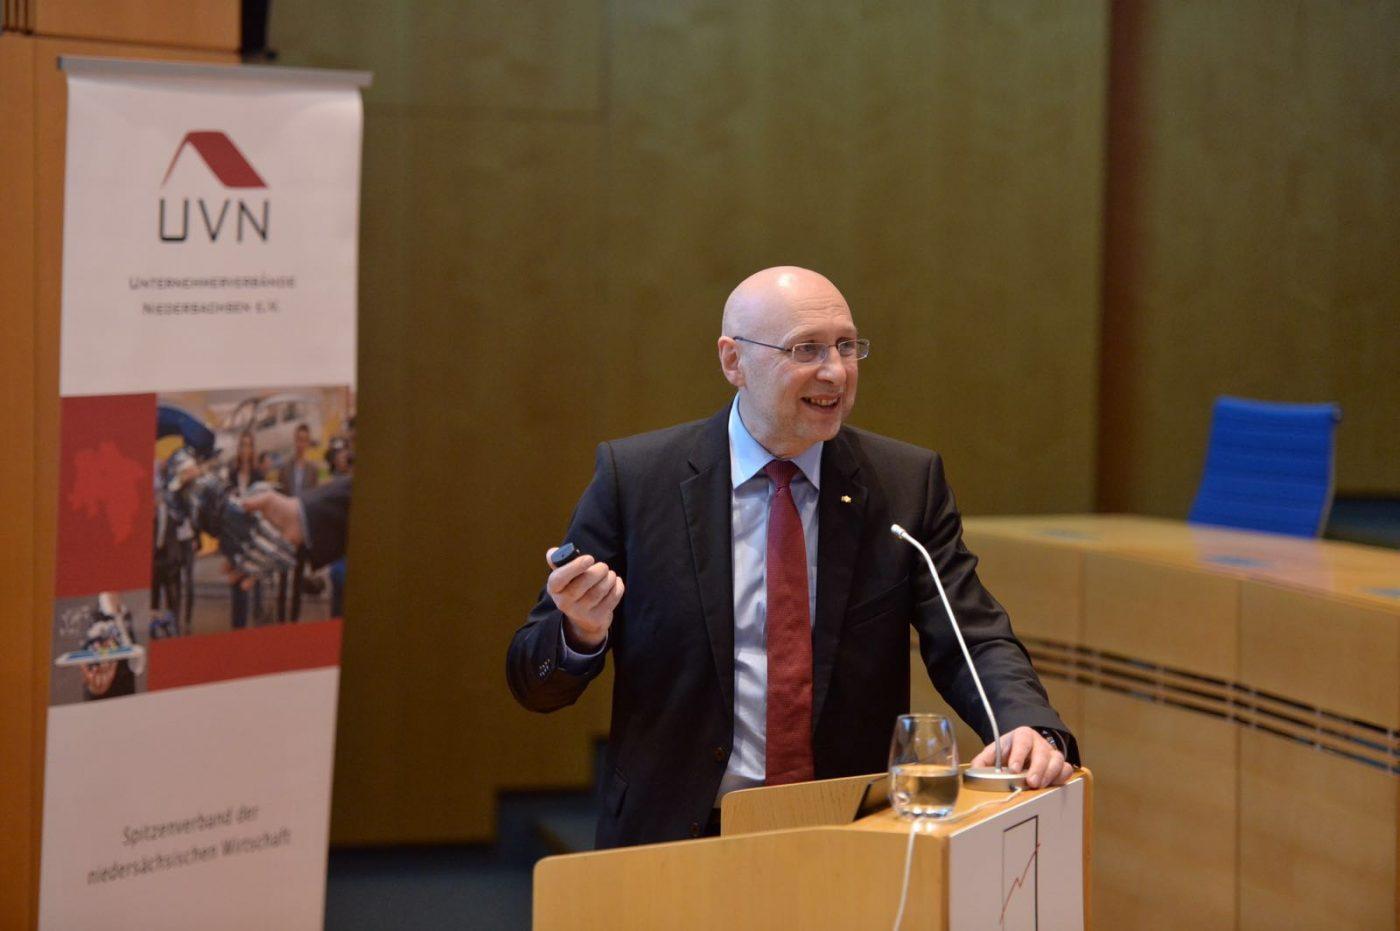 Zu Fragen der Zeit mit Nobelpreisträger Prof. Stefan W. Hell